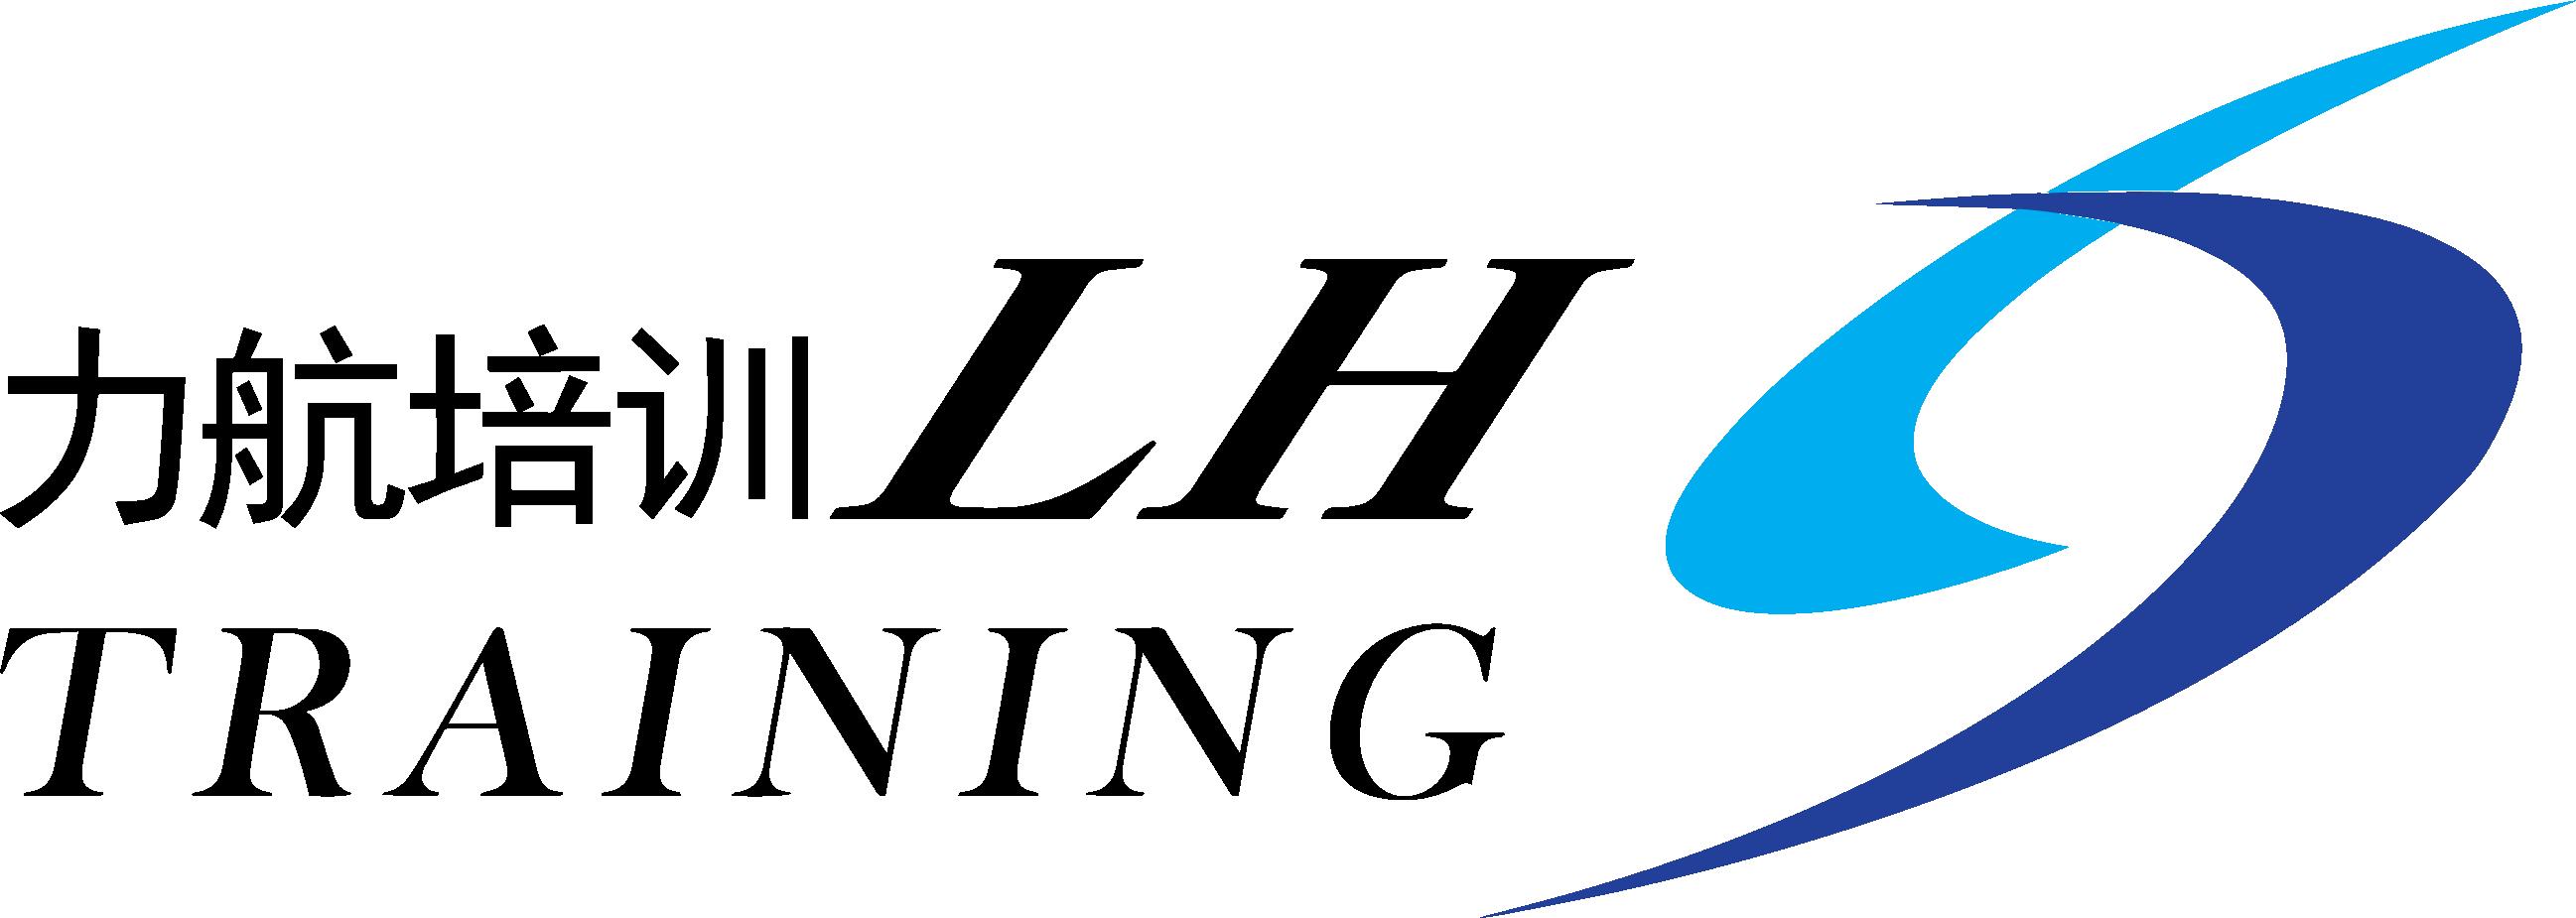 广州力航培训有限公司logo